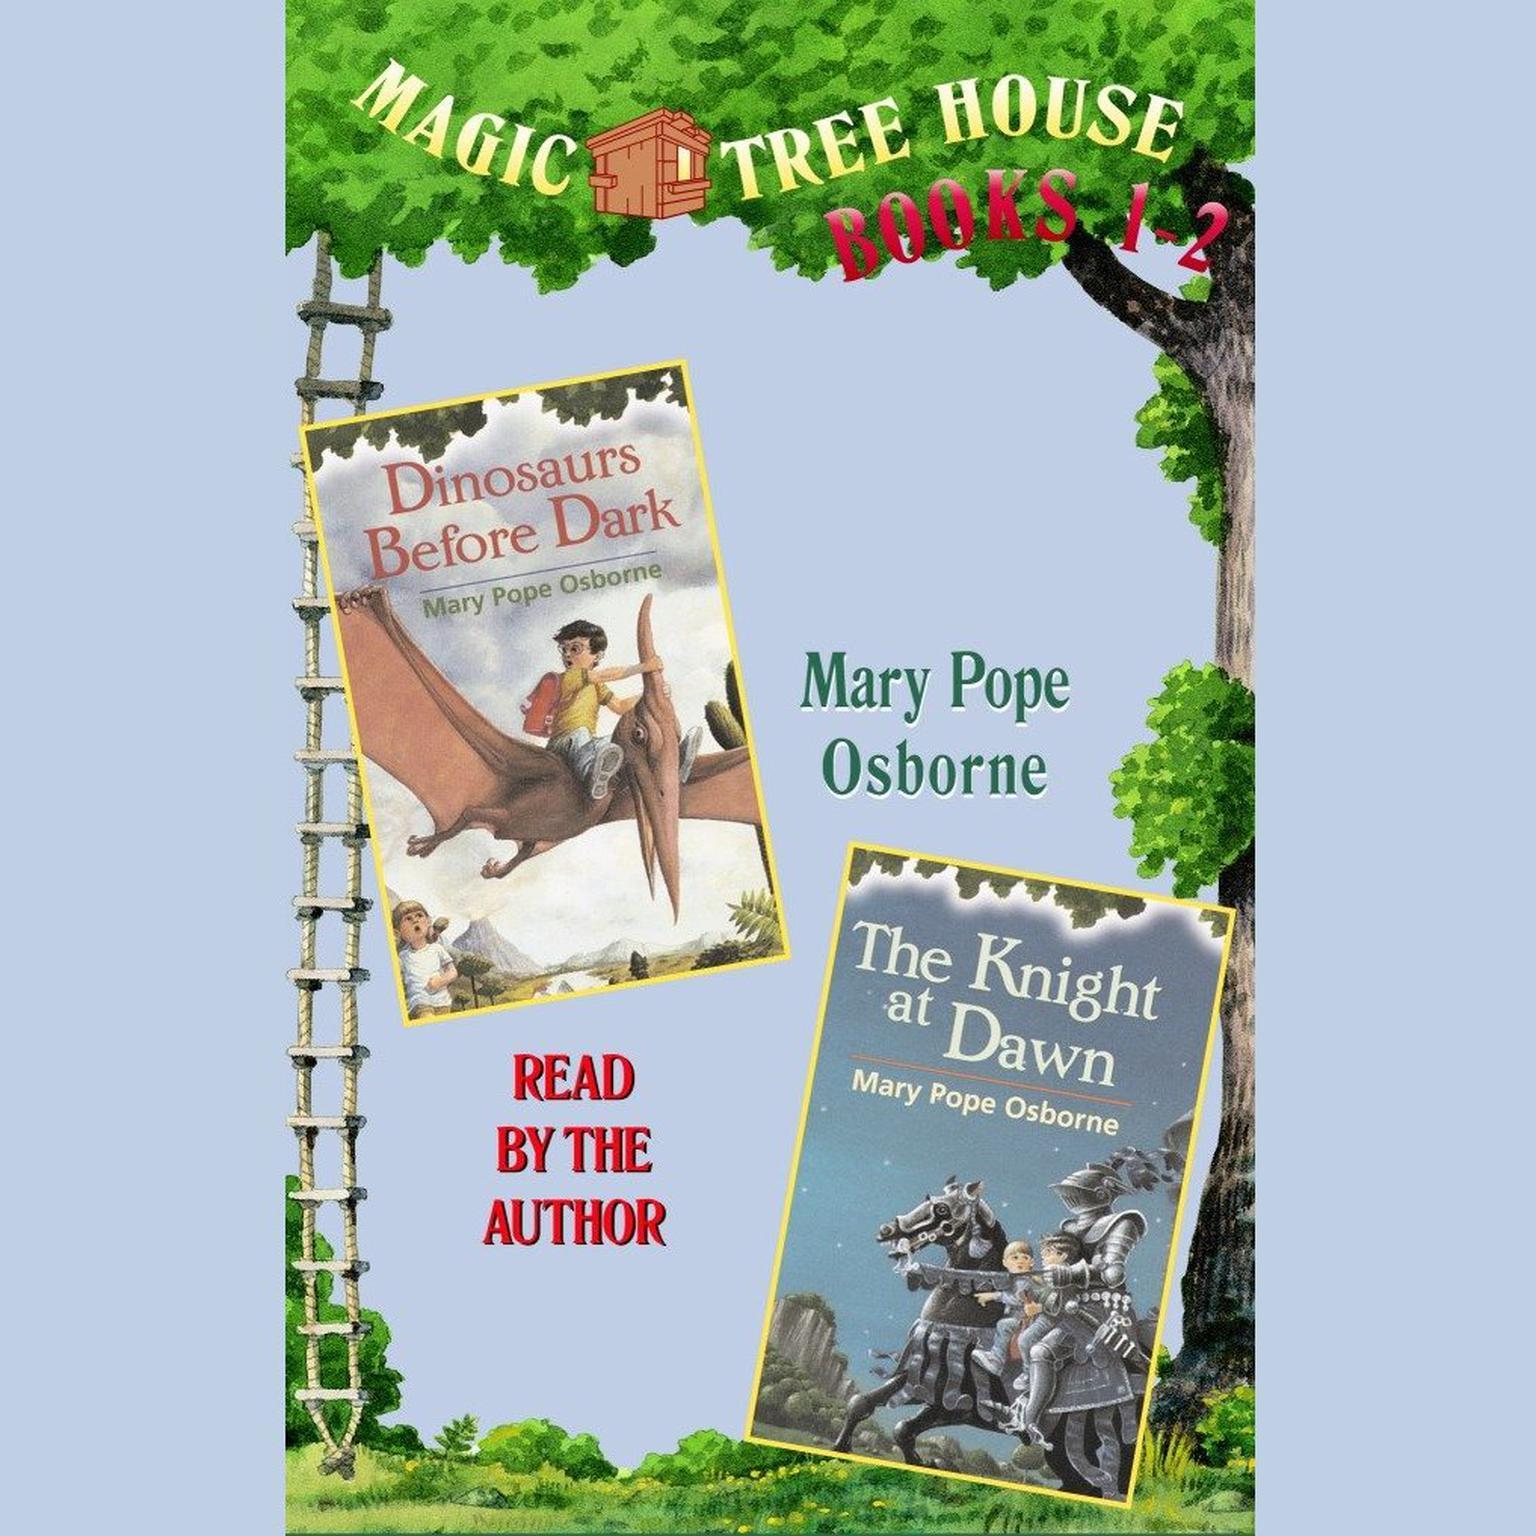 Magic Tree House Books 1 And 2